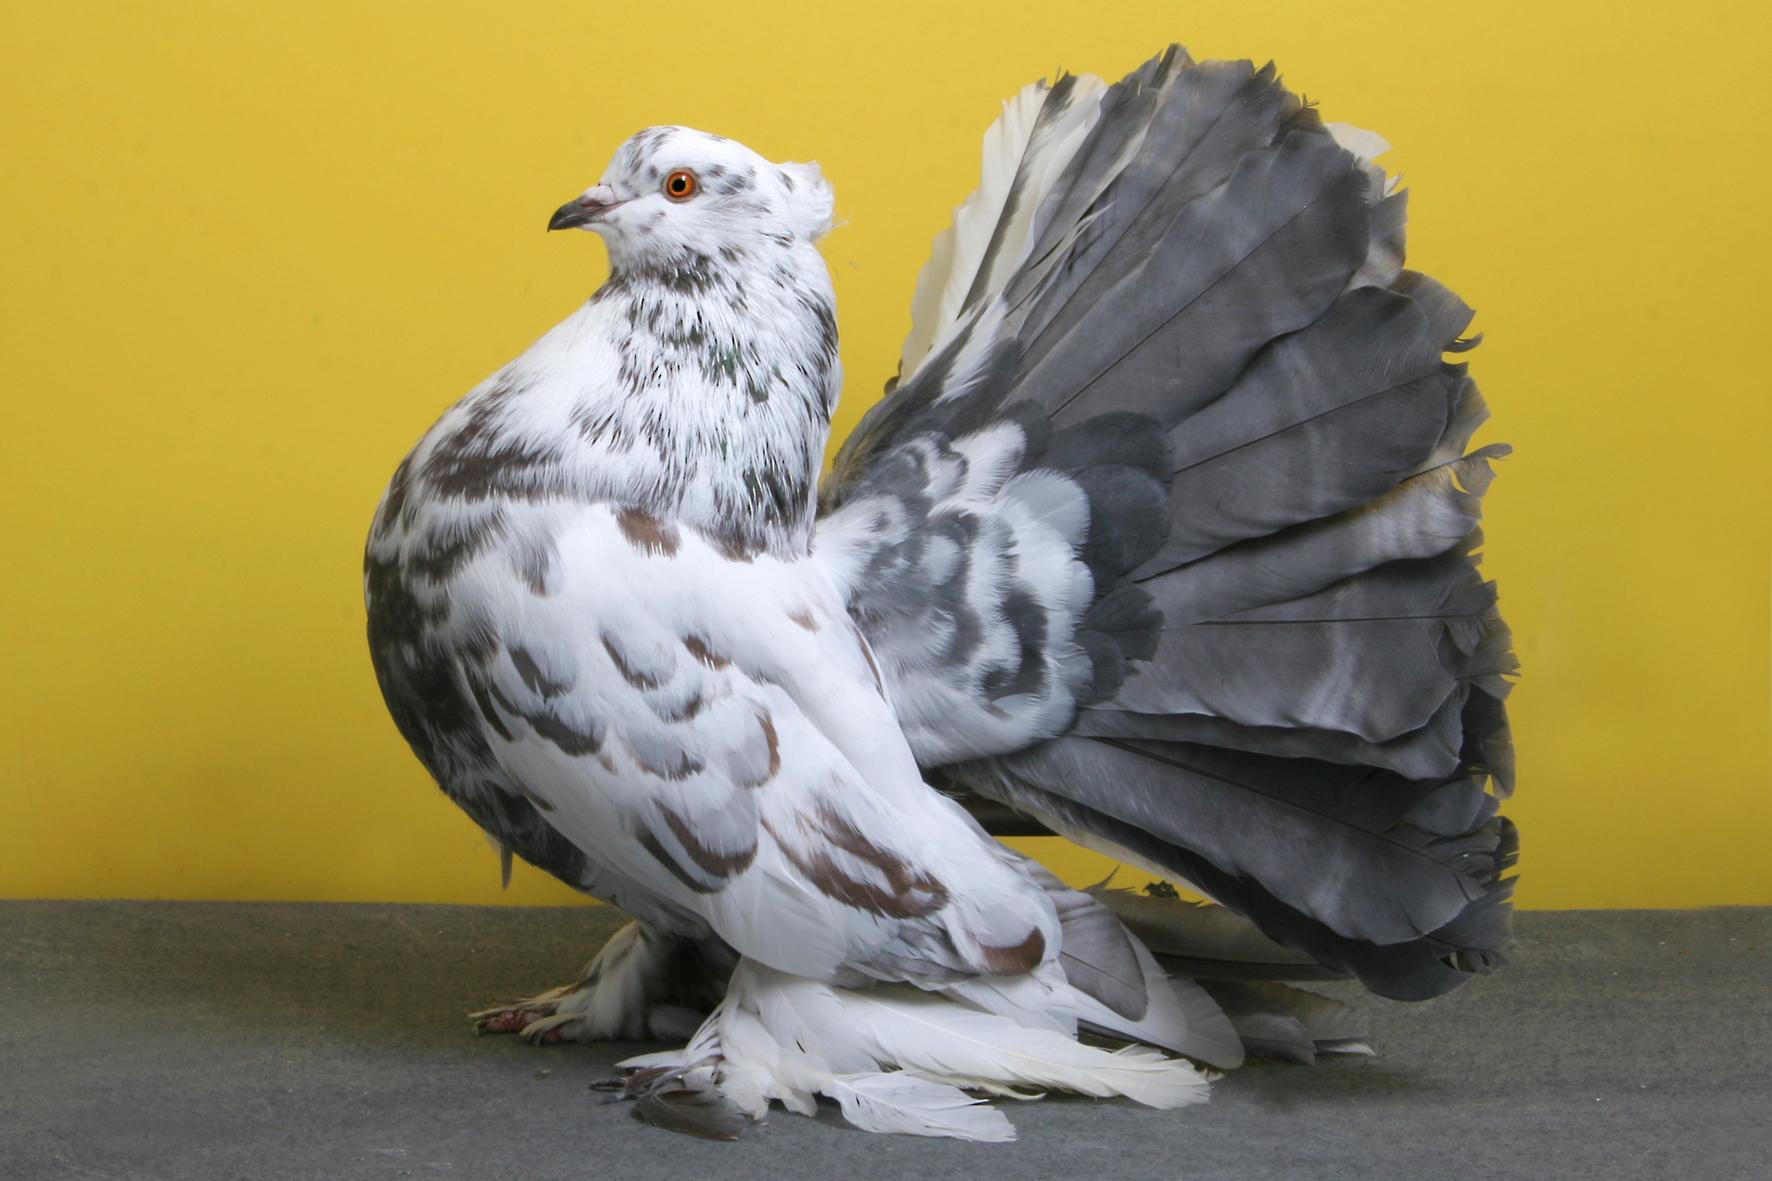 Et si la Snes mini devenait réalité Pigeon-concours-beaute-champion-oiseau-01